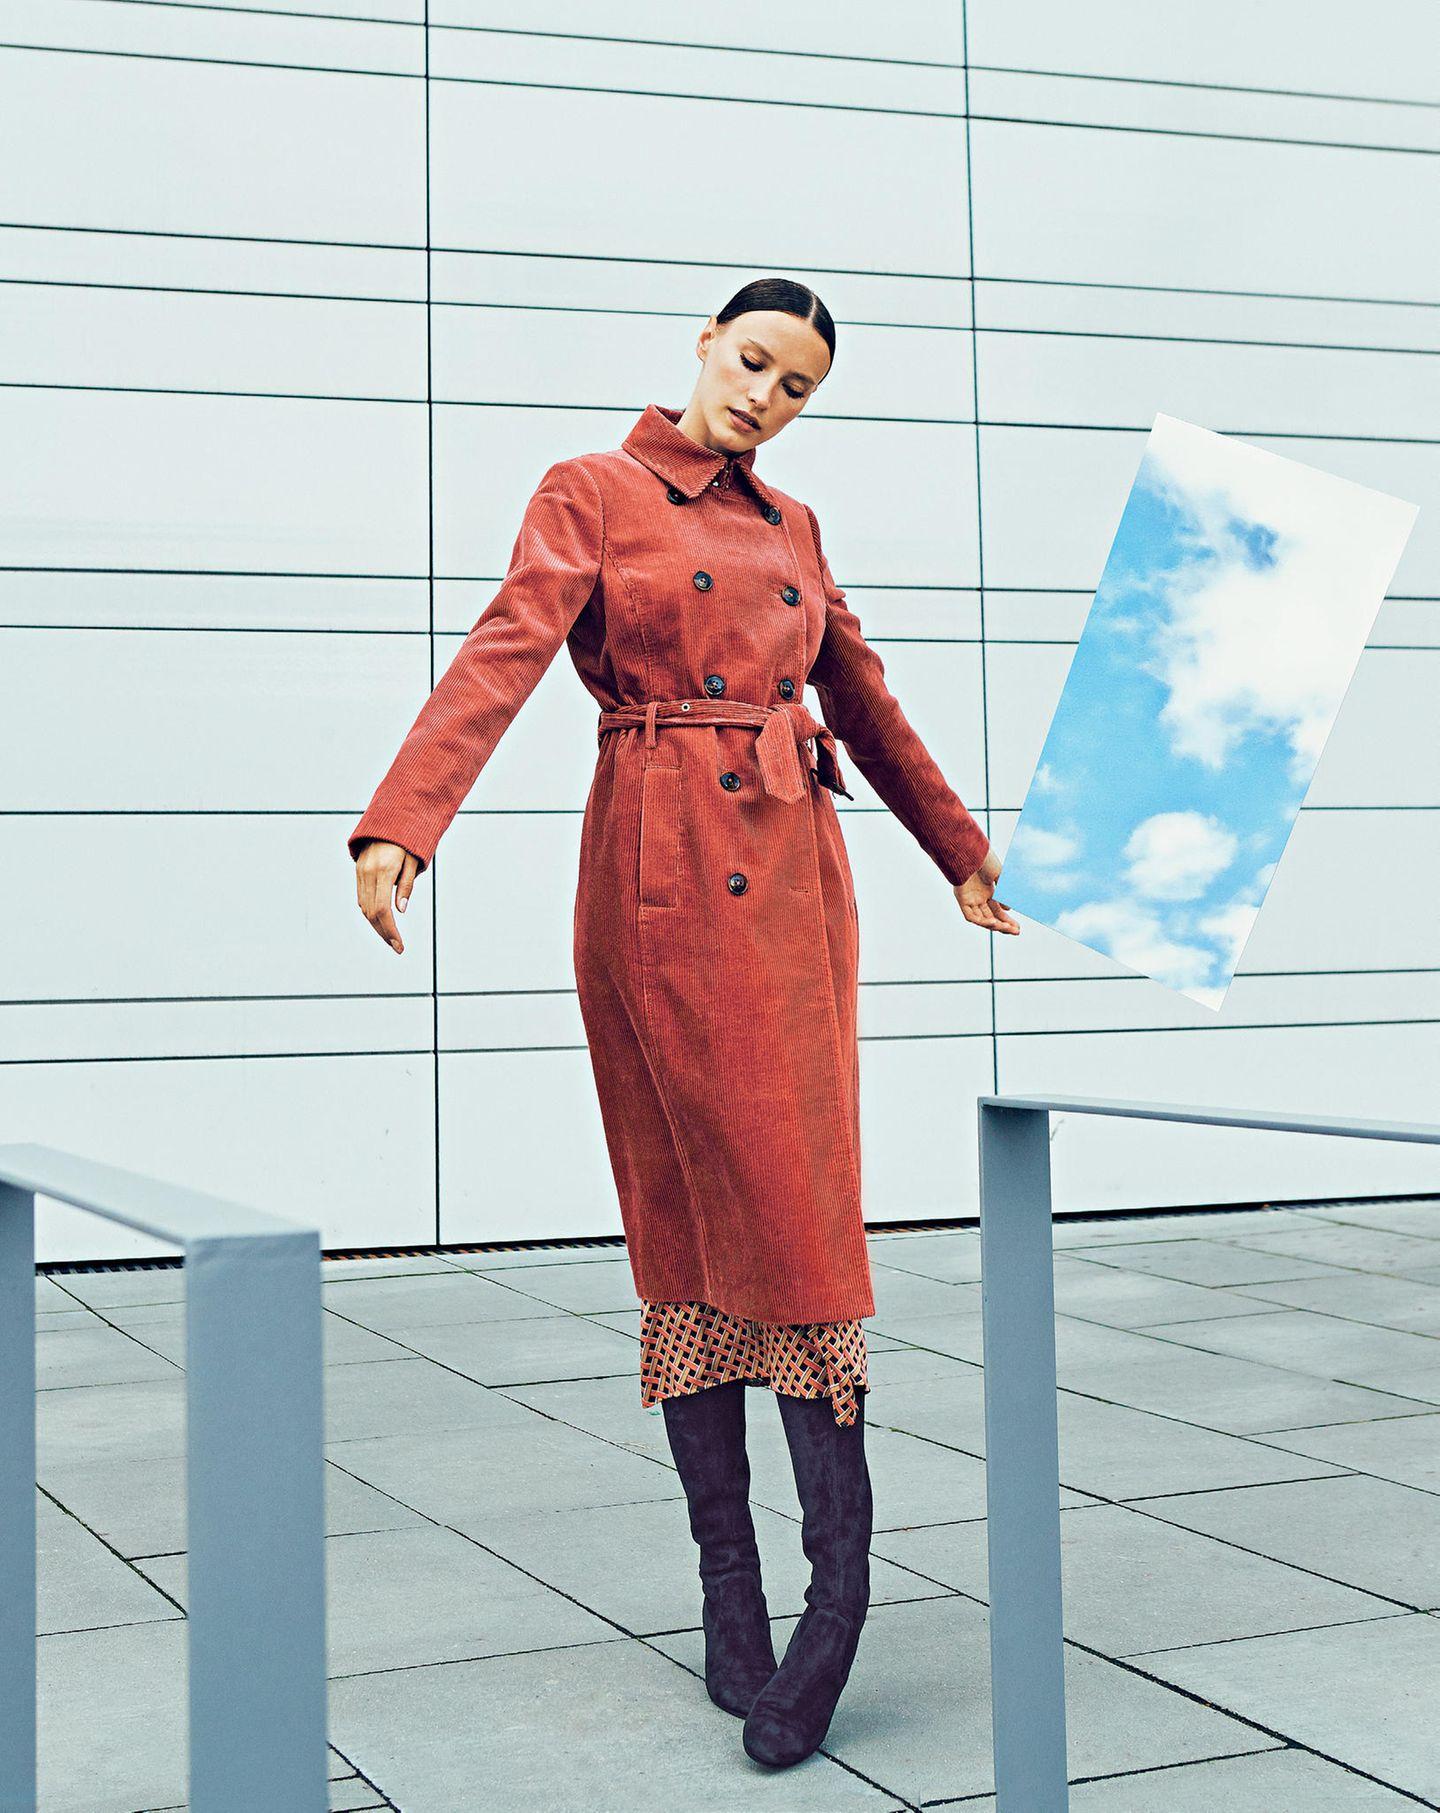 Altrosafarbener Zweireiher: Jake´s/Fashion ID, ca. 130 Euro. Seidiges Wickelkleid: Hallhuber, ca. 120 Euro. Stiefel: Kennel & Schmenger.